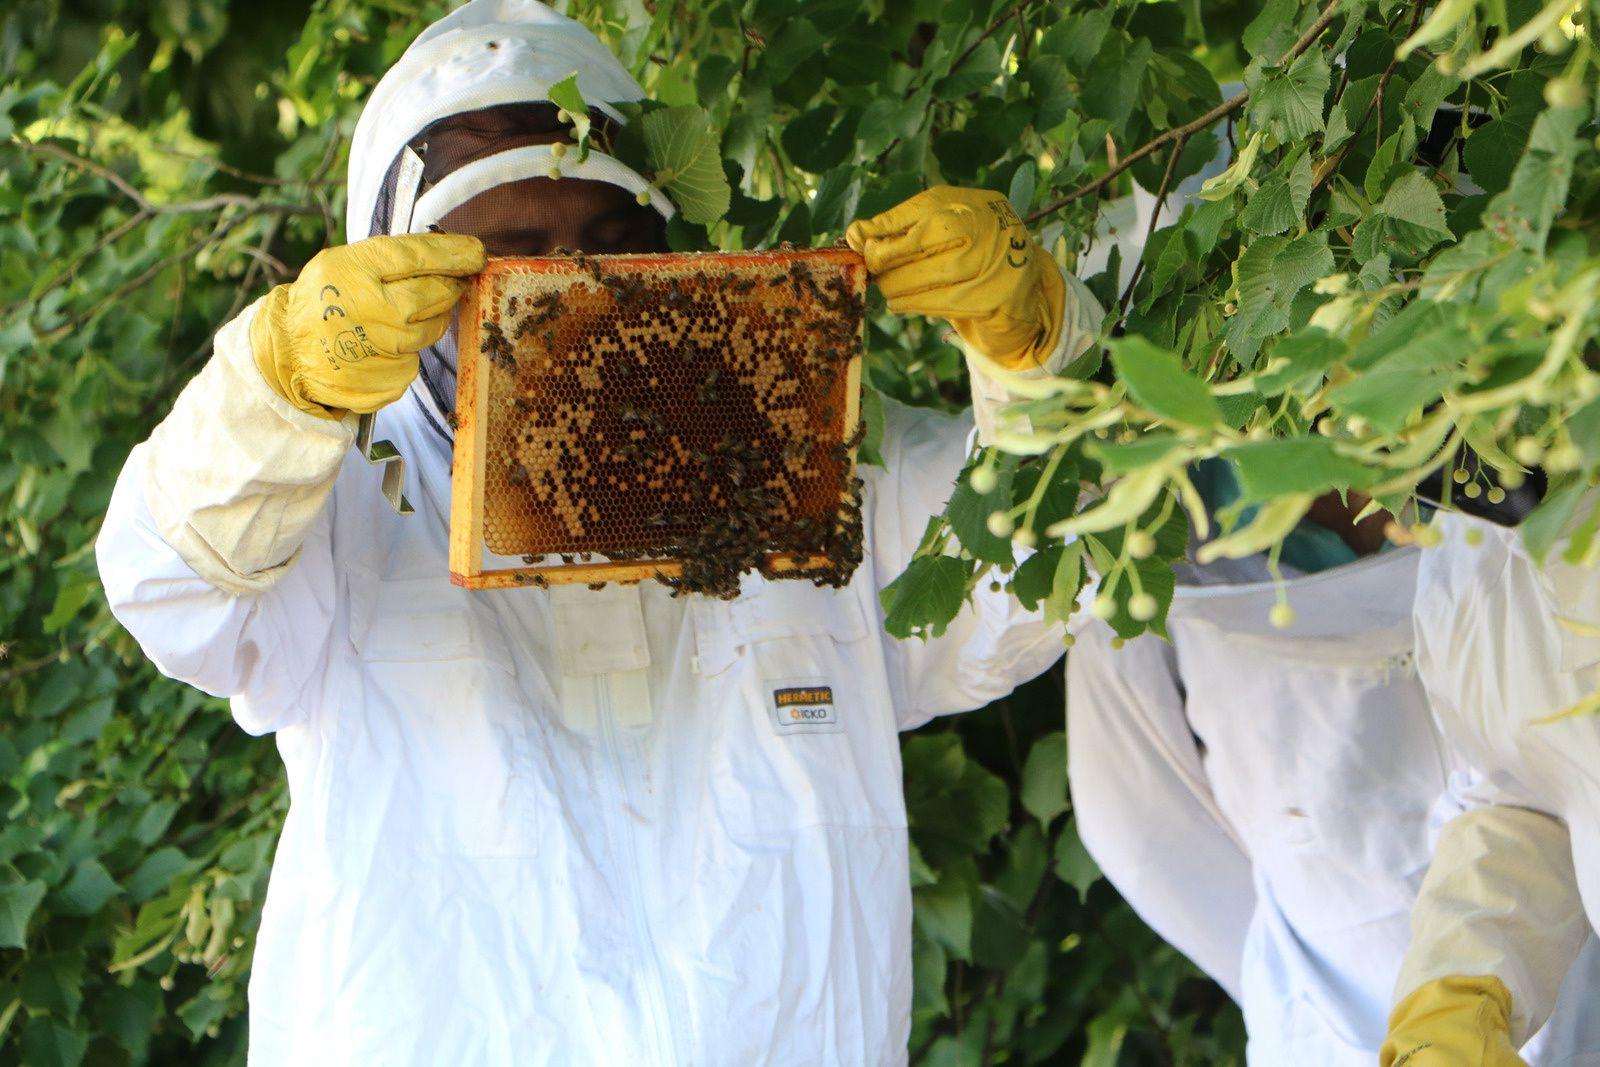 Dans le couvain, la recherchedes pontes de la reine est primordial pour connaître l'état de santé de la ruche que l'on inspecte ! Photos de Patrick Duru.